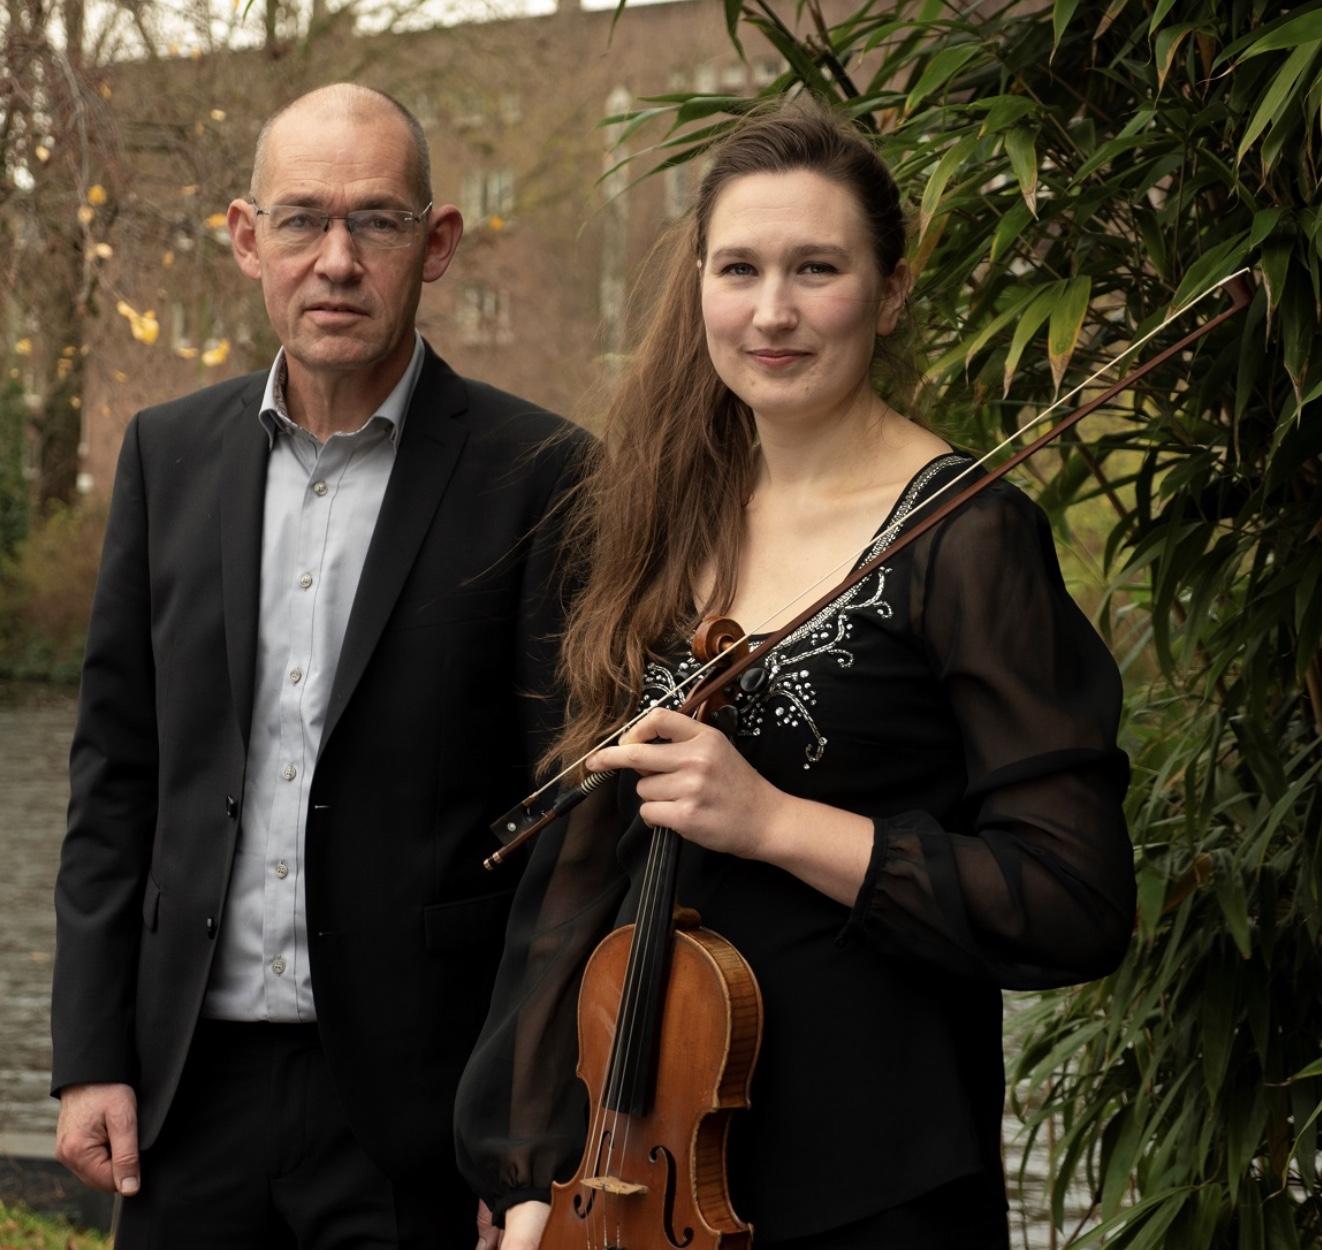 Für K. op piano en viool: ampijoloe.com